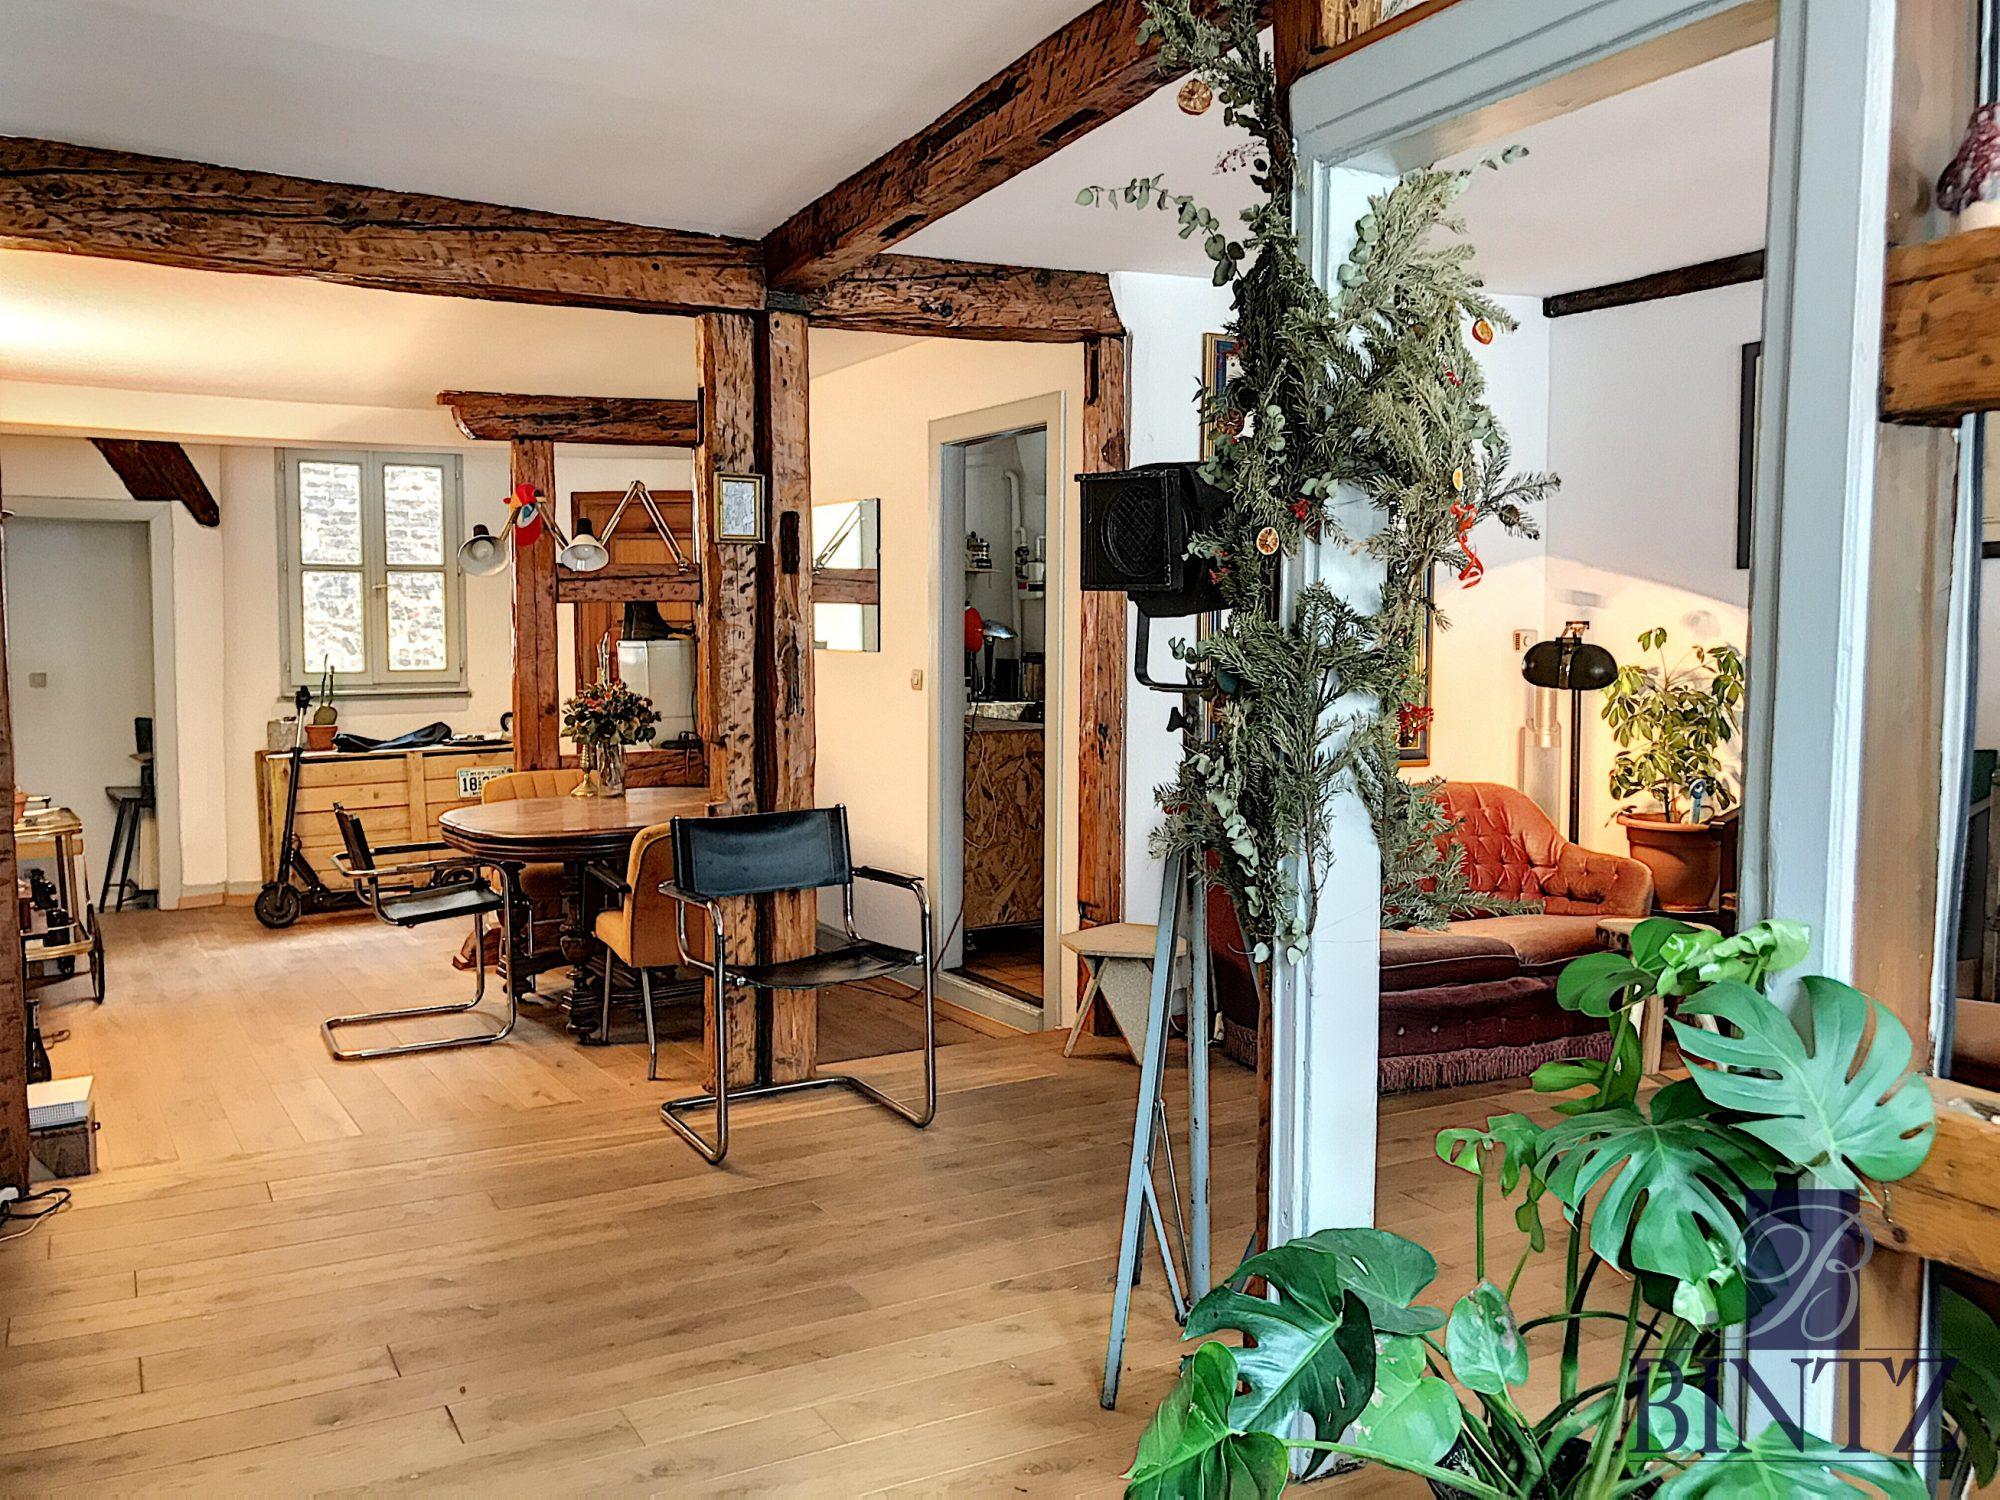 4 PIÈCES FACE À LA CATHÉDRALE - Devenez locataire en toute sérénité - Bintz Immobilier - 2